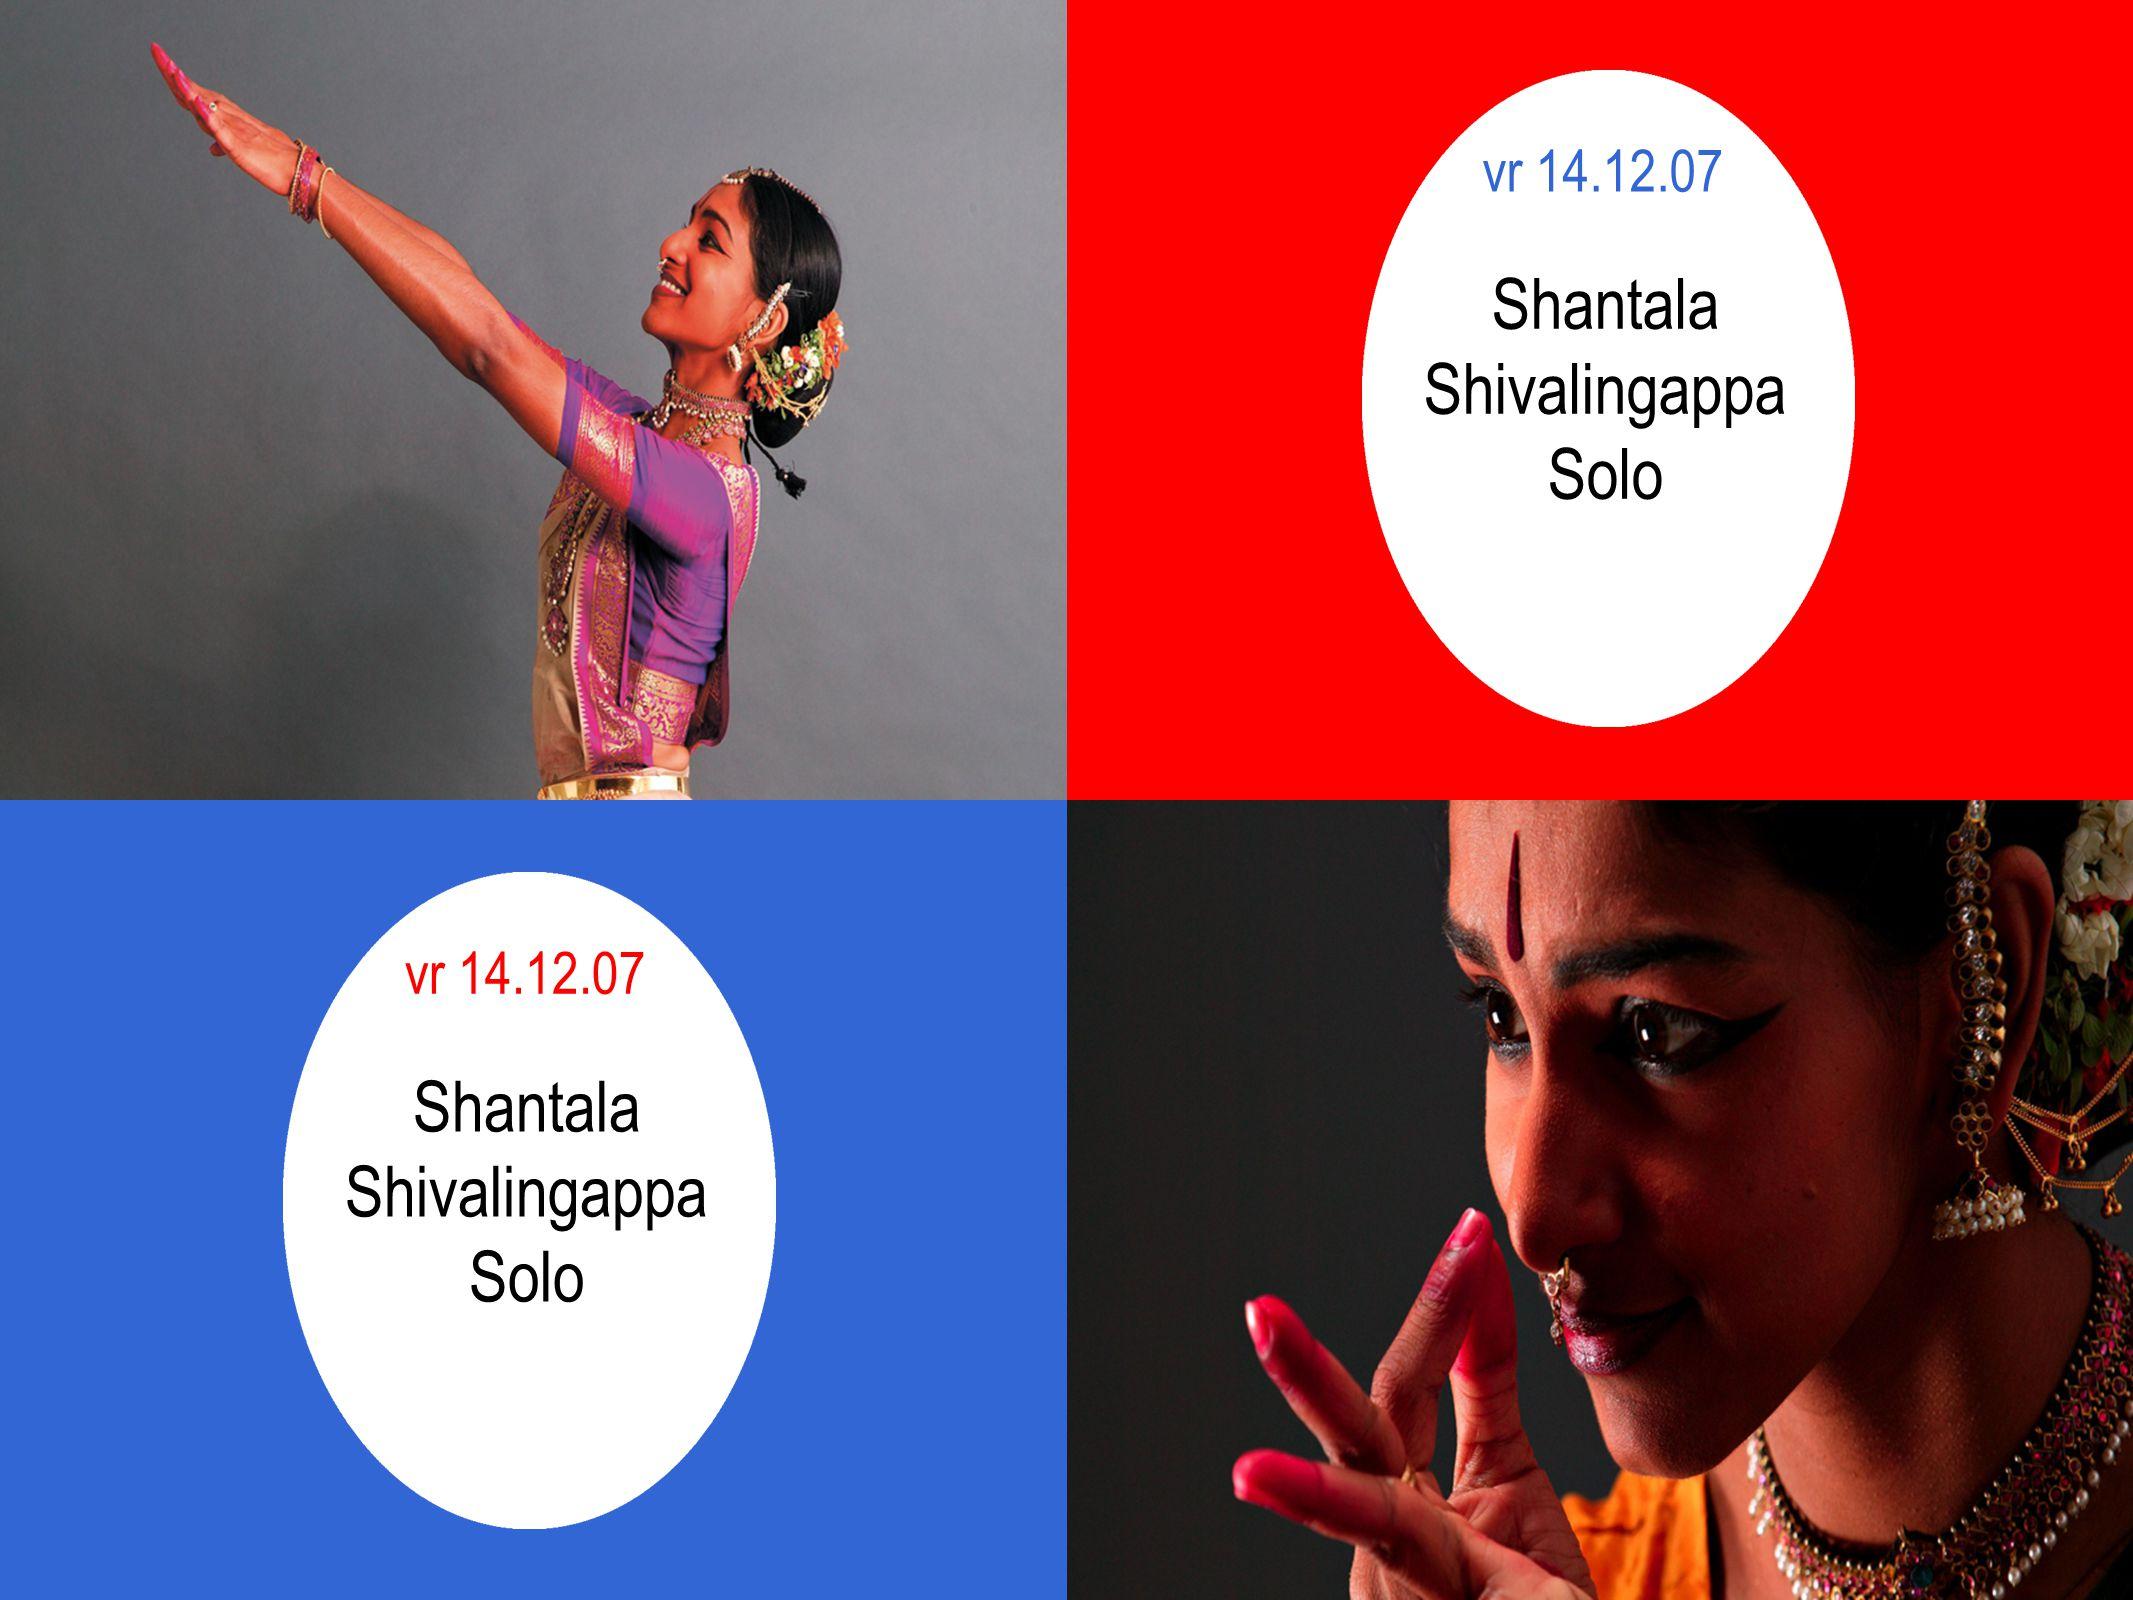 vr 14.12.07 Shantala Shivalingappa Solo vr 14.12.07 Shantala Shivalingappa Solo